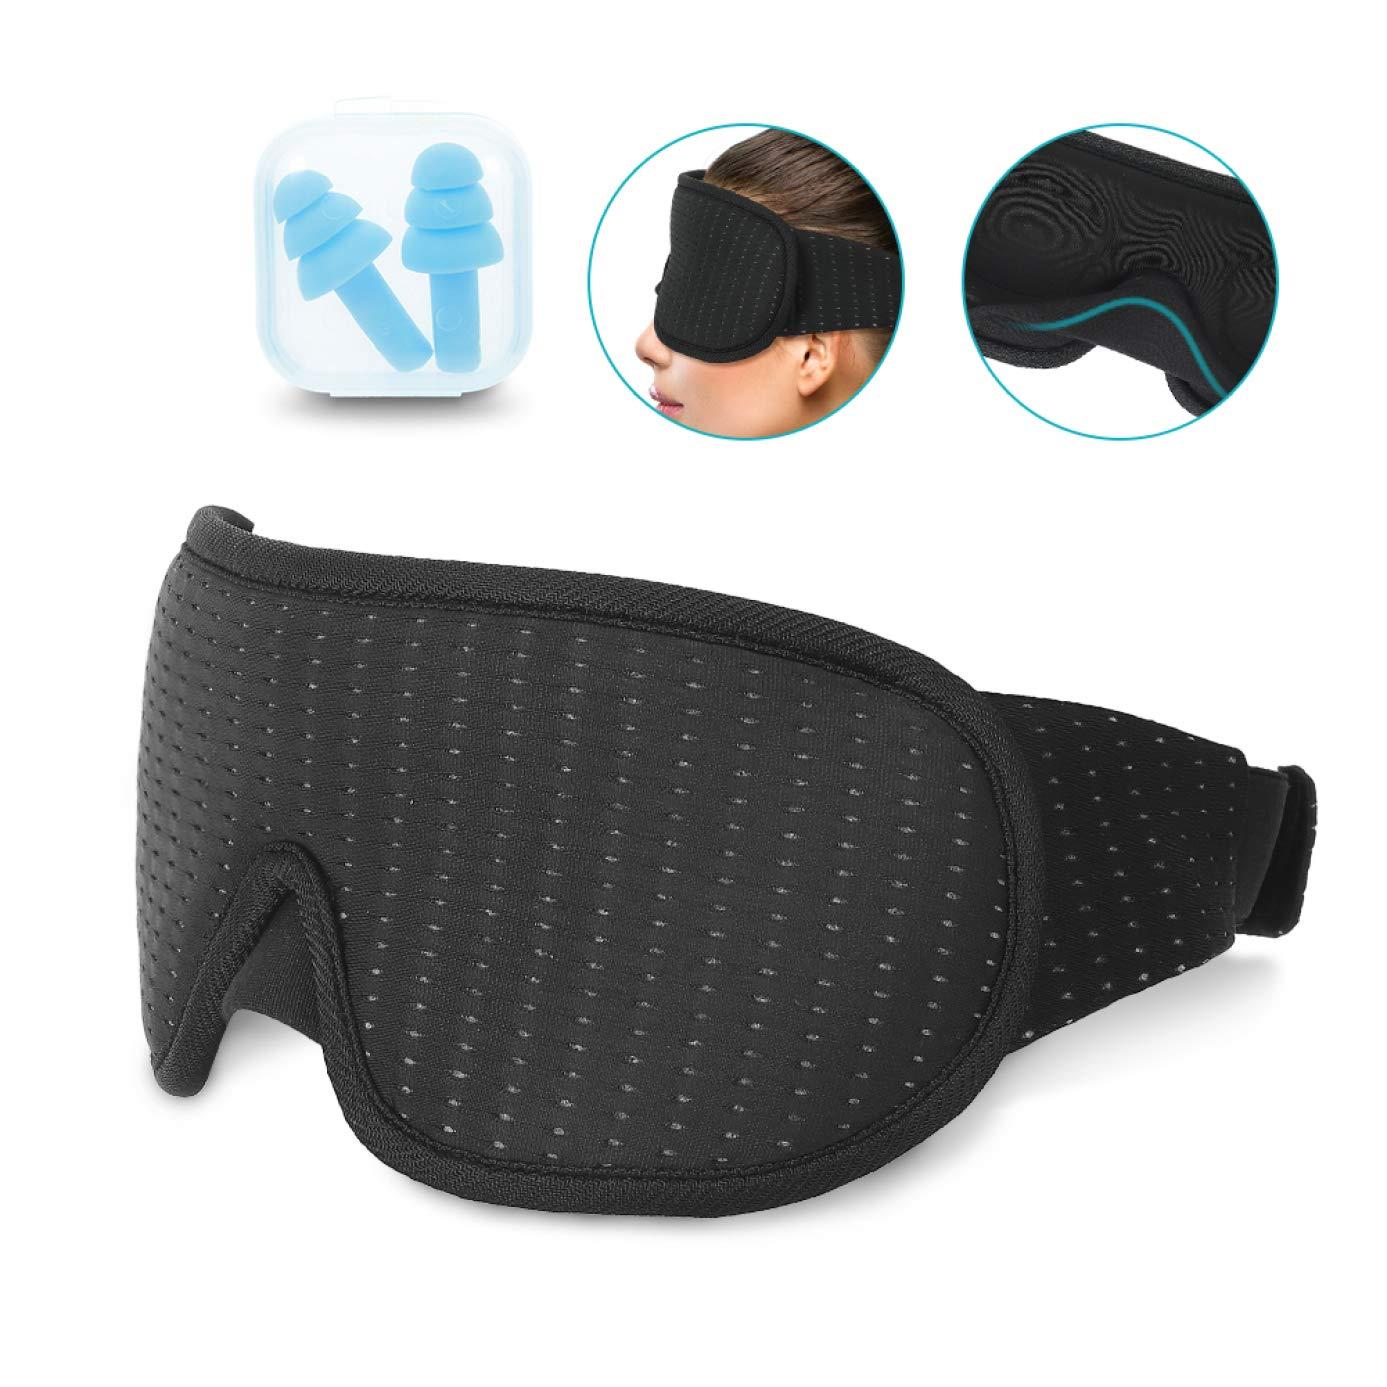 Ajiuzh Incredible 3D Sombra Transpirable Estéreo Sueño Dormir Fatiga Hombre 3D Noseless Eye Protection